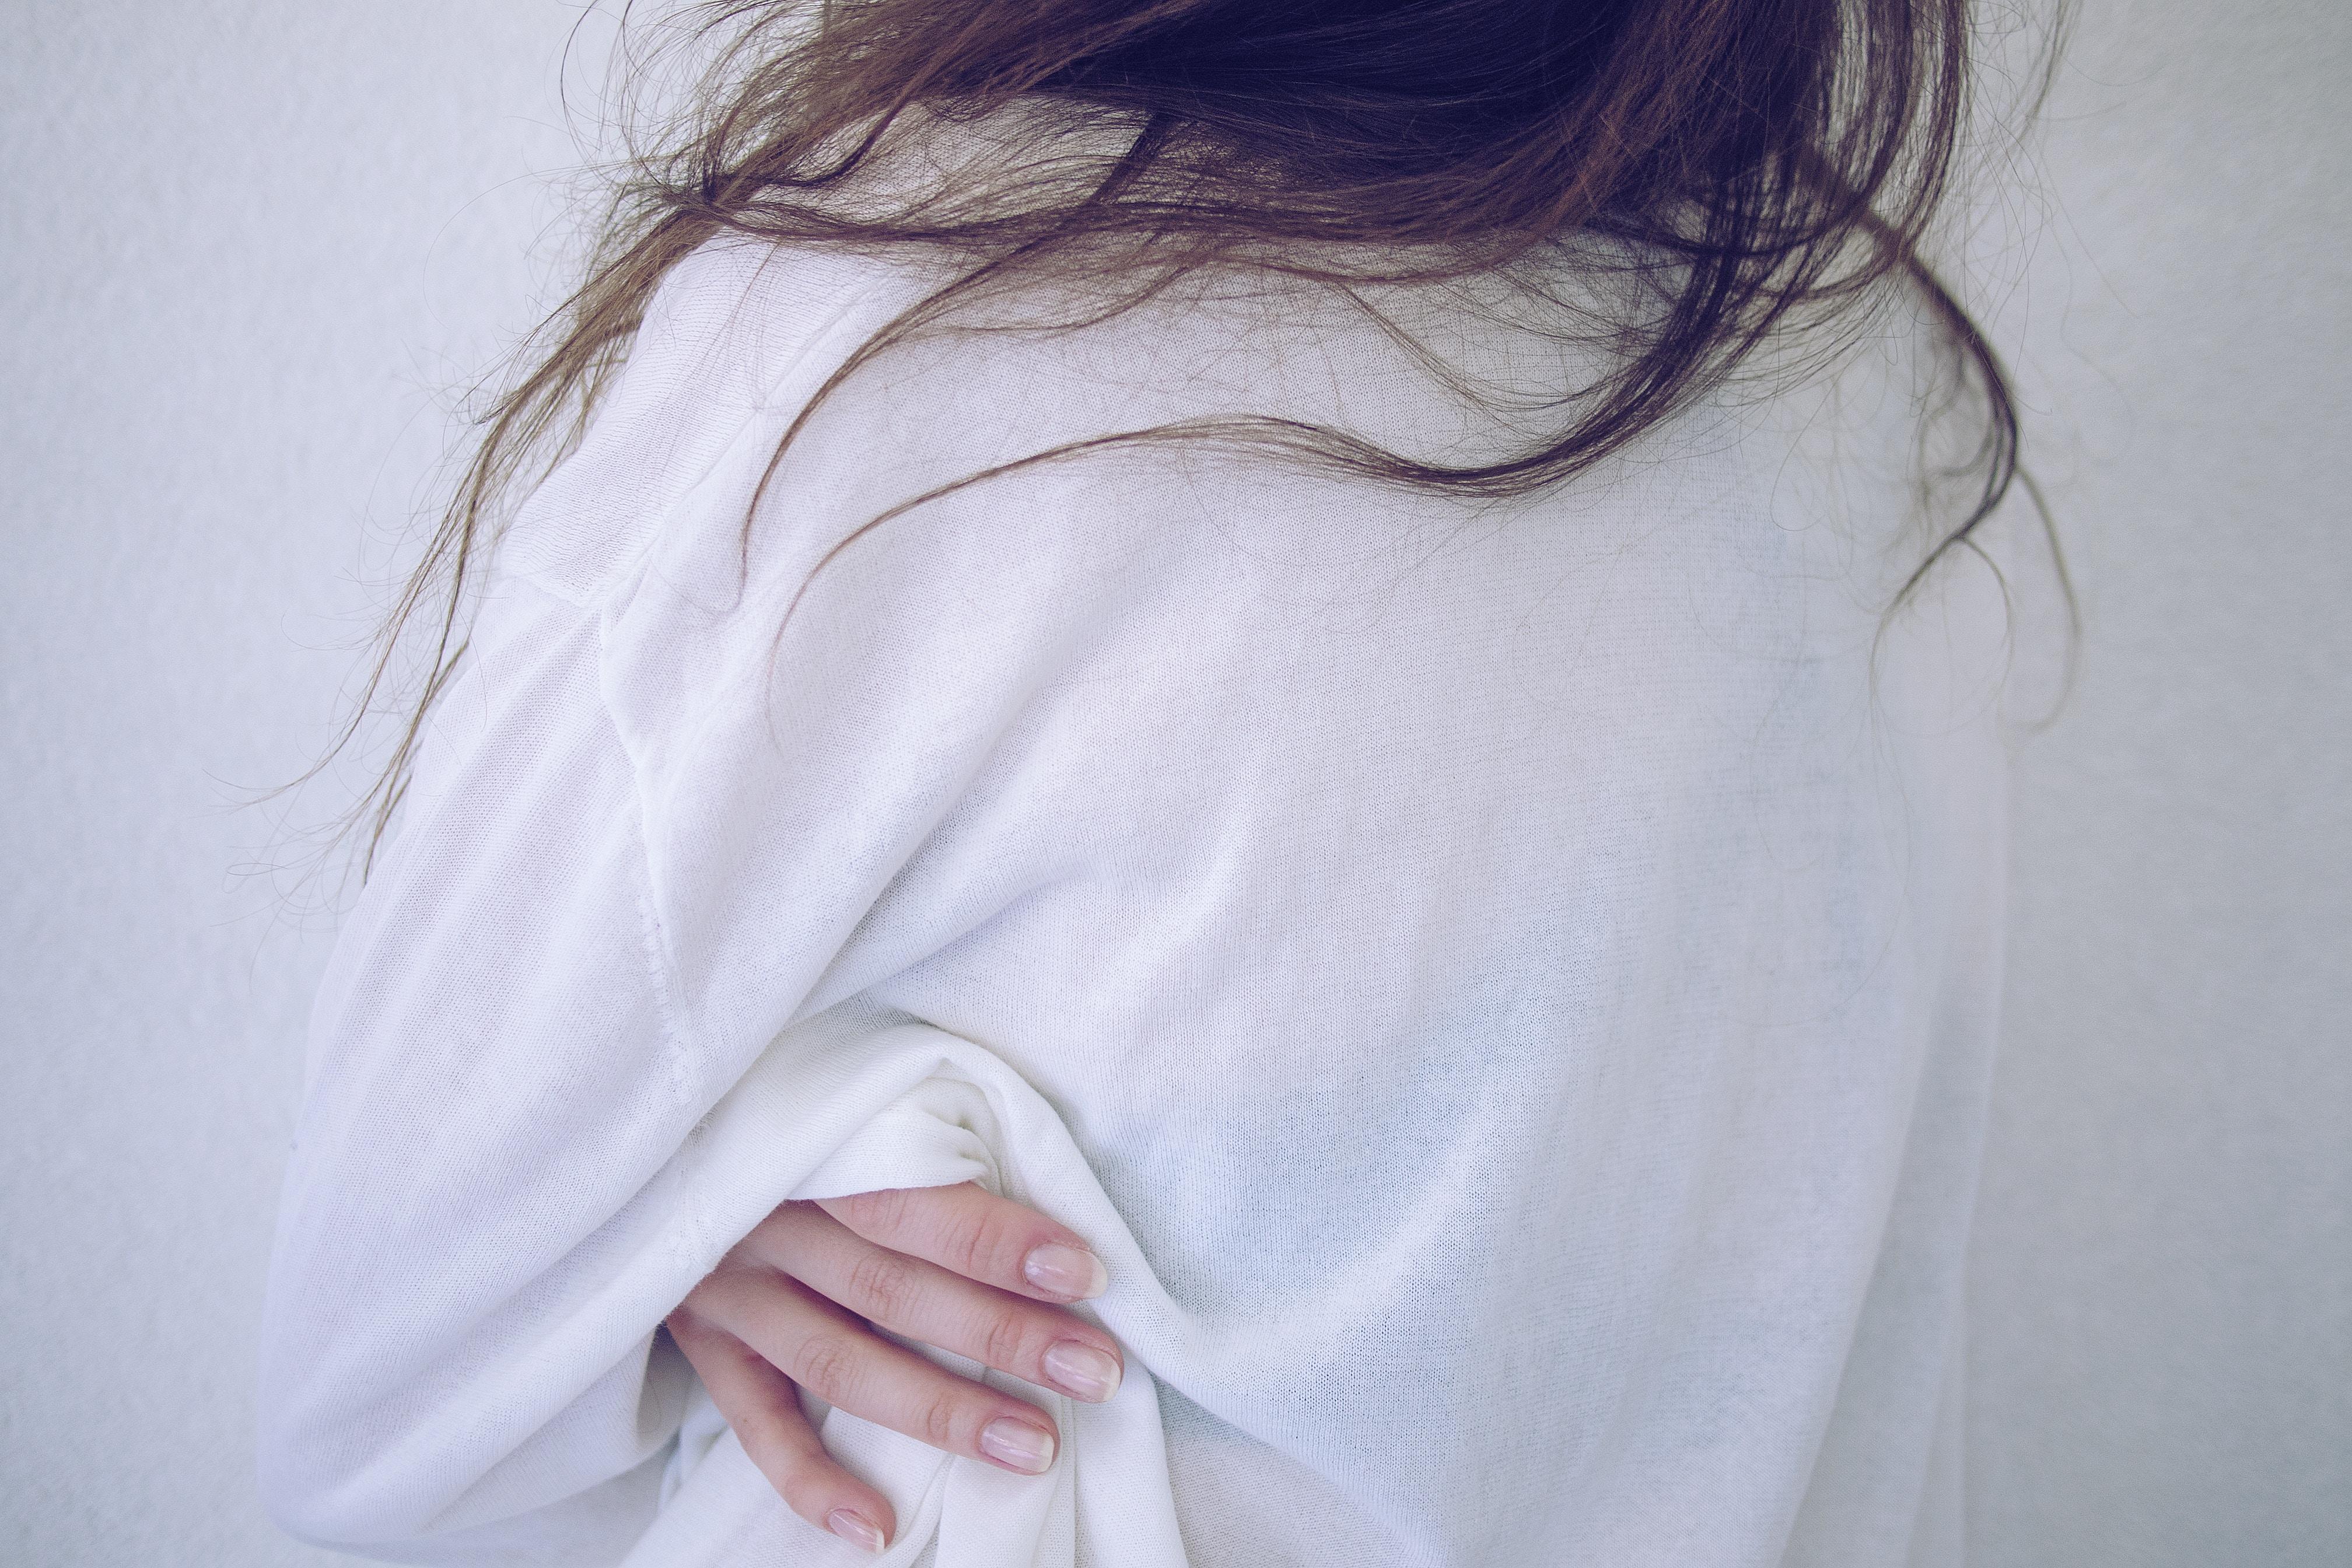 Lifestyle: Le parcours du combattant de Sarah avec l'endométriose